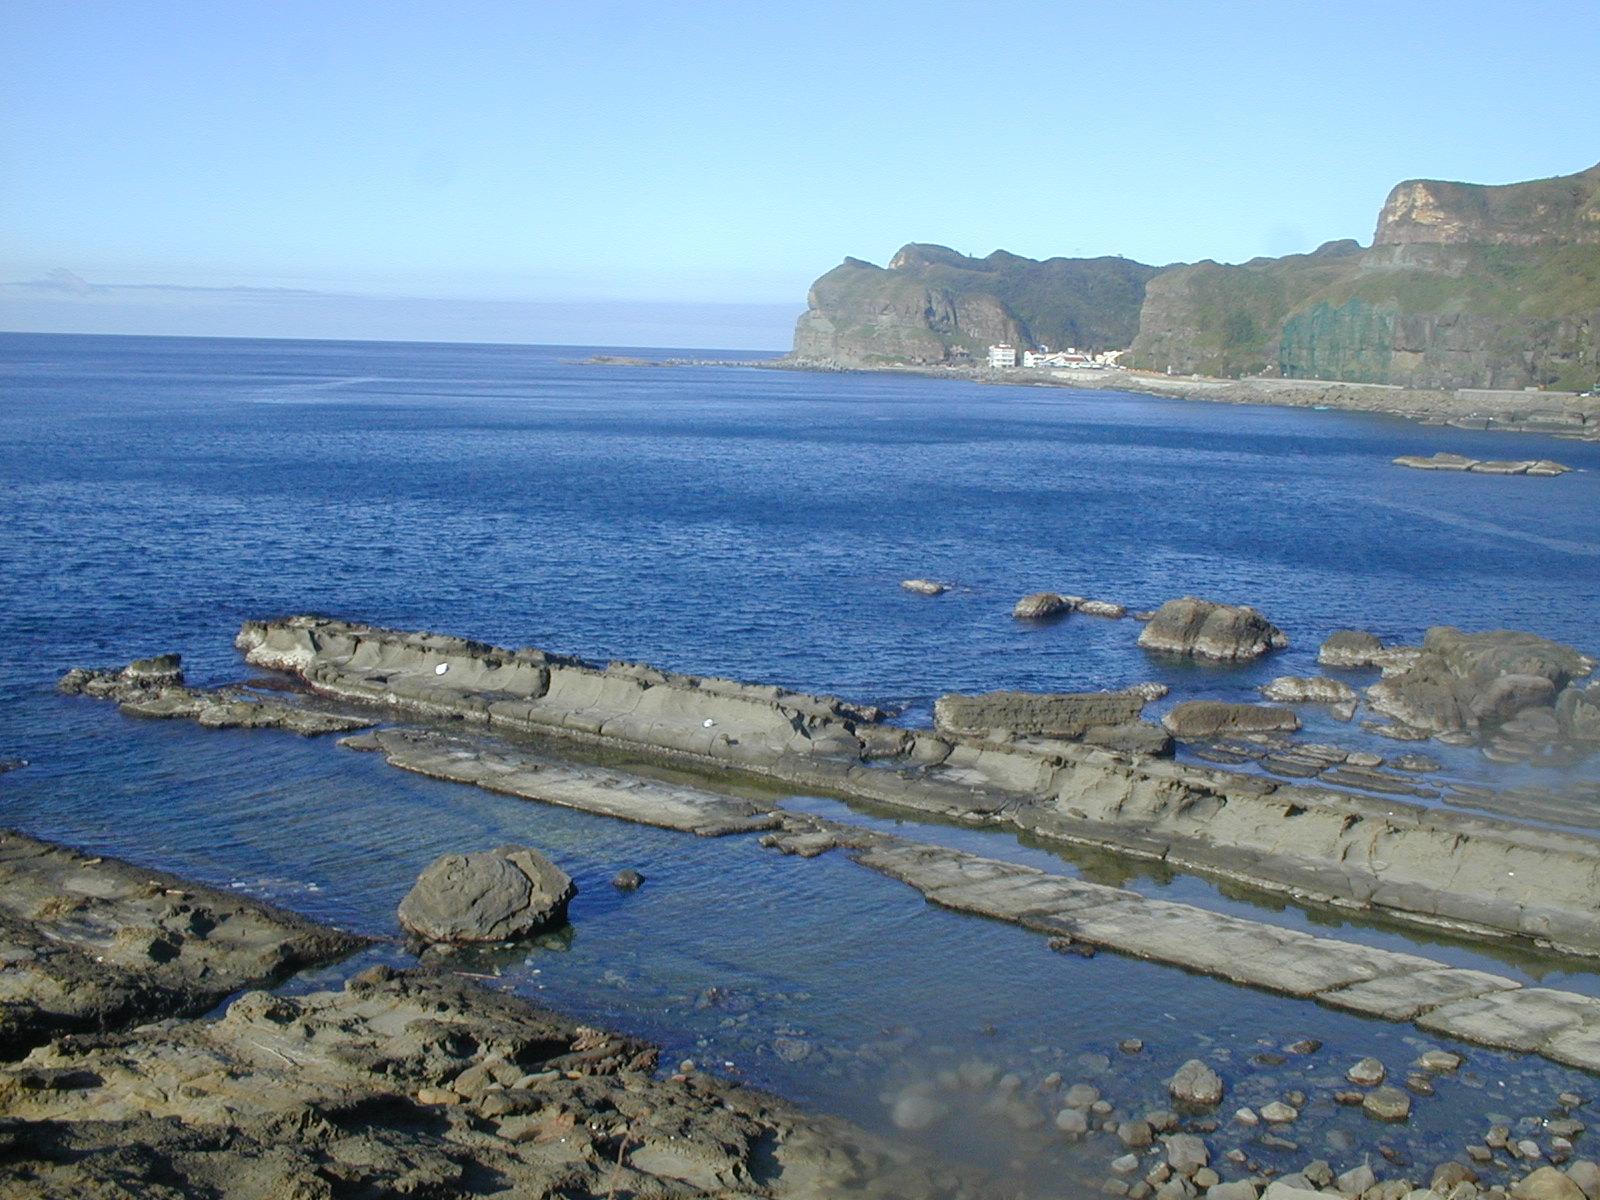 台北北海岸 北海岸一日遊 台北北海岸景點 北海岸觀光 北海岸一日遊攻略 北海岸